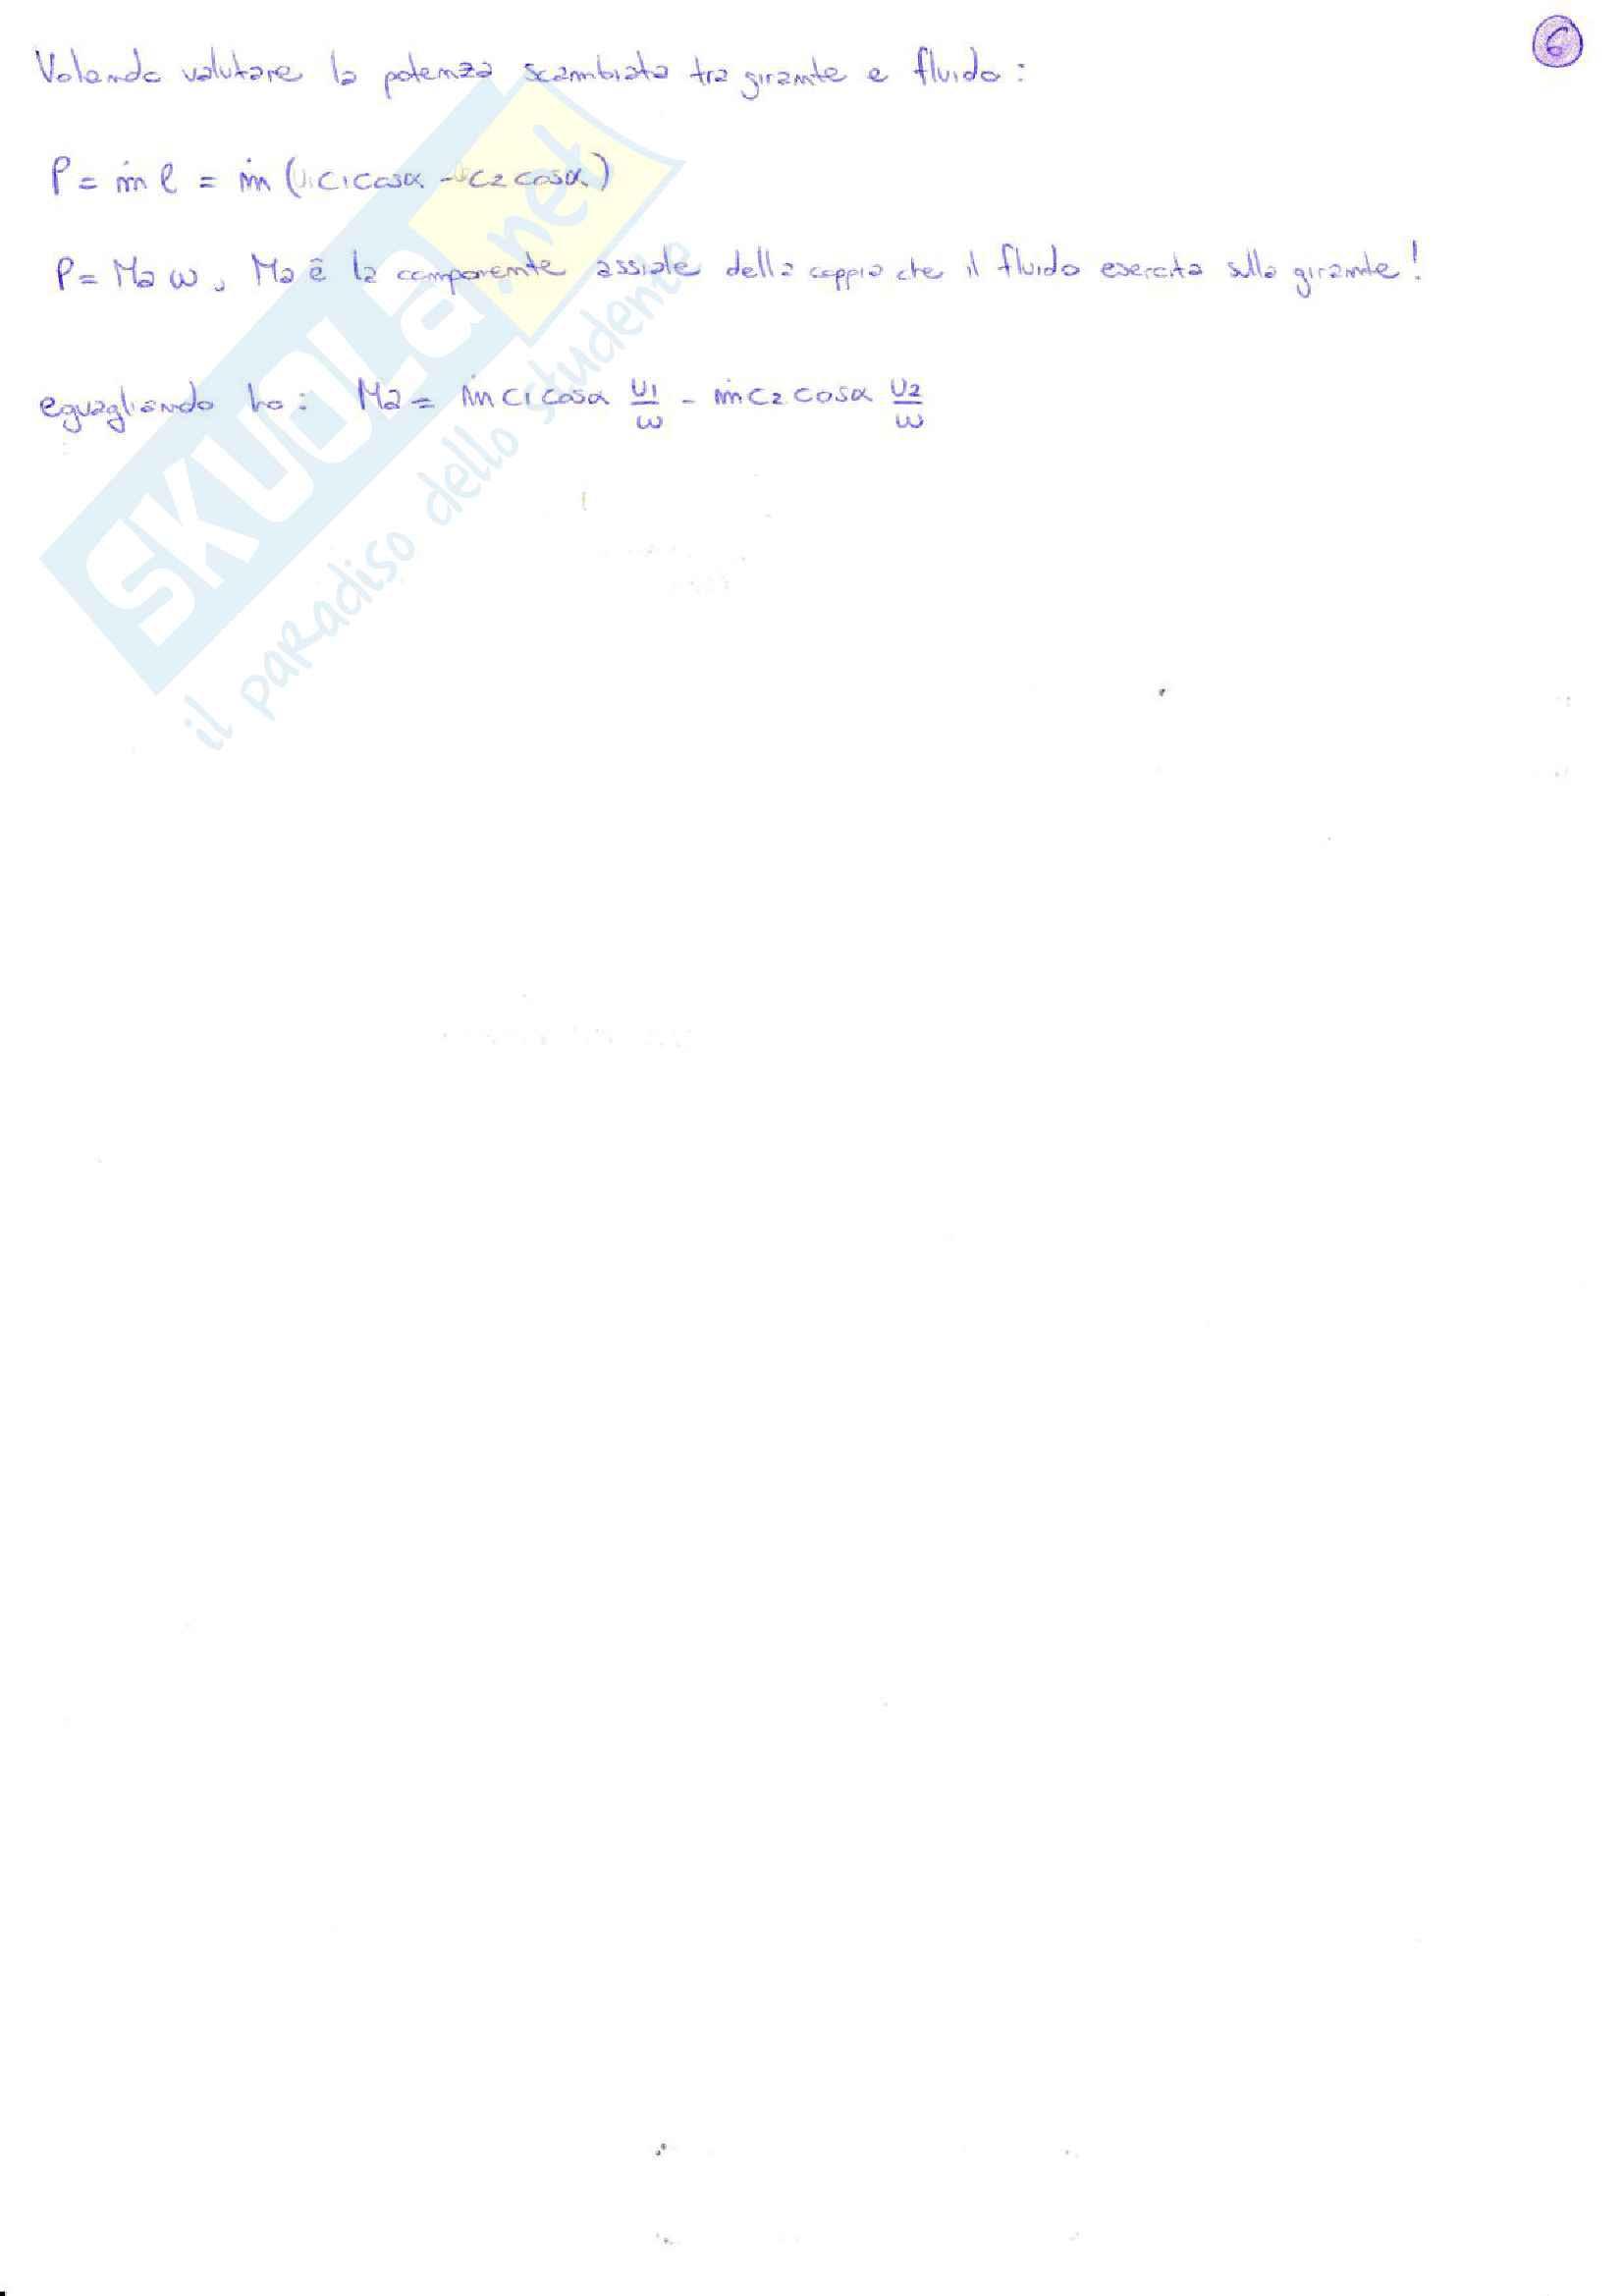 Riassunto e sintesi in schemi esame Macchine e Sistemi Energetici, prof. Caresana, libro consigliato Sistemi energetici e macchine a fluido Vol.1, Negri Di Montenegro - Bianchi - Peretto Pag. 6